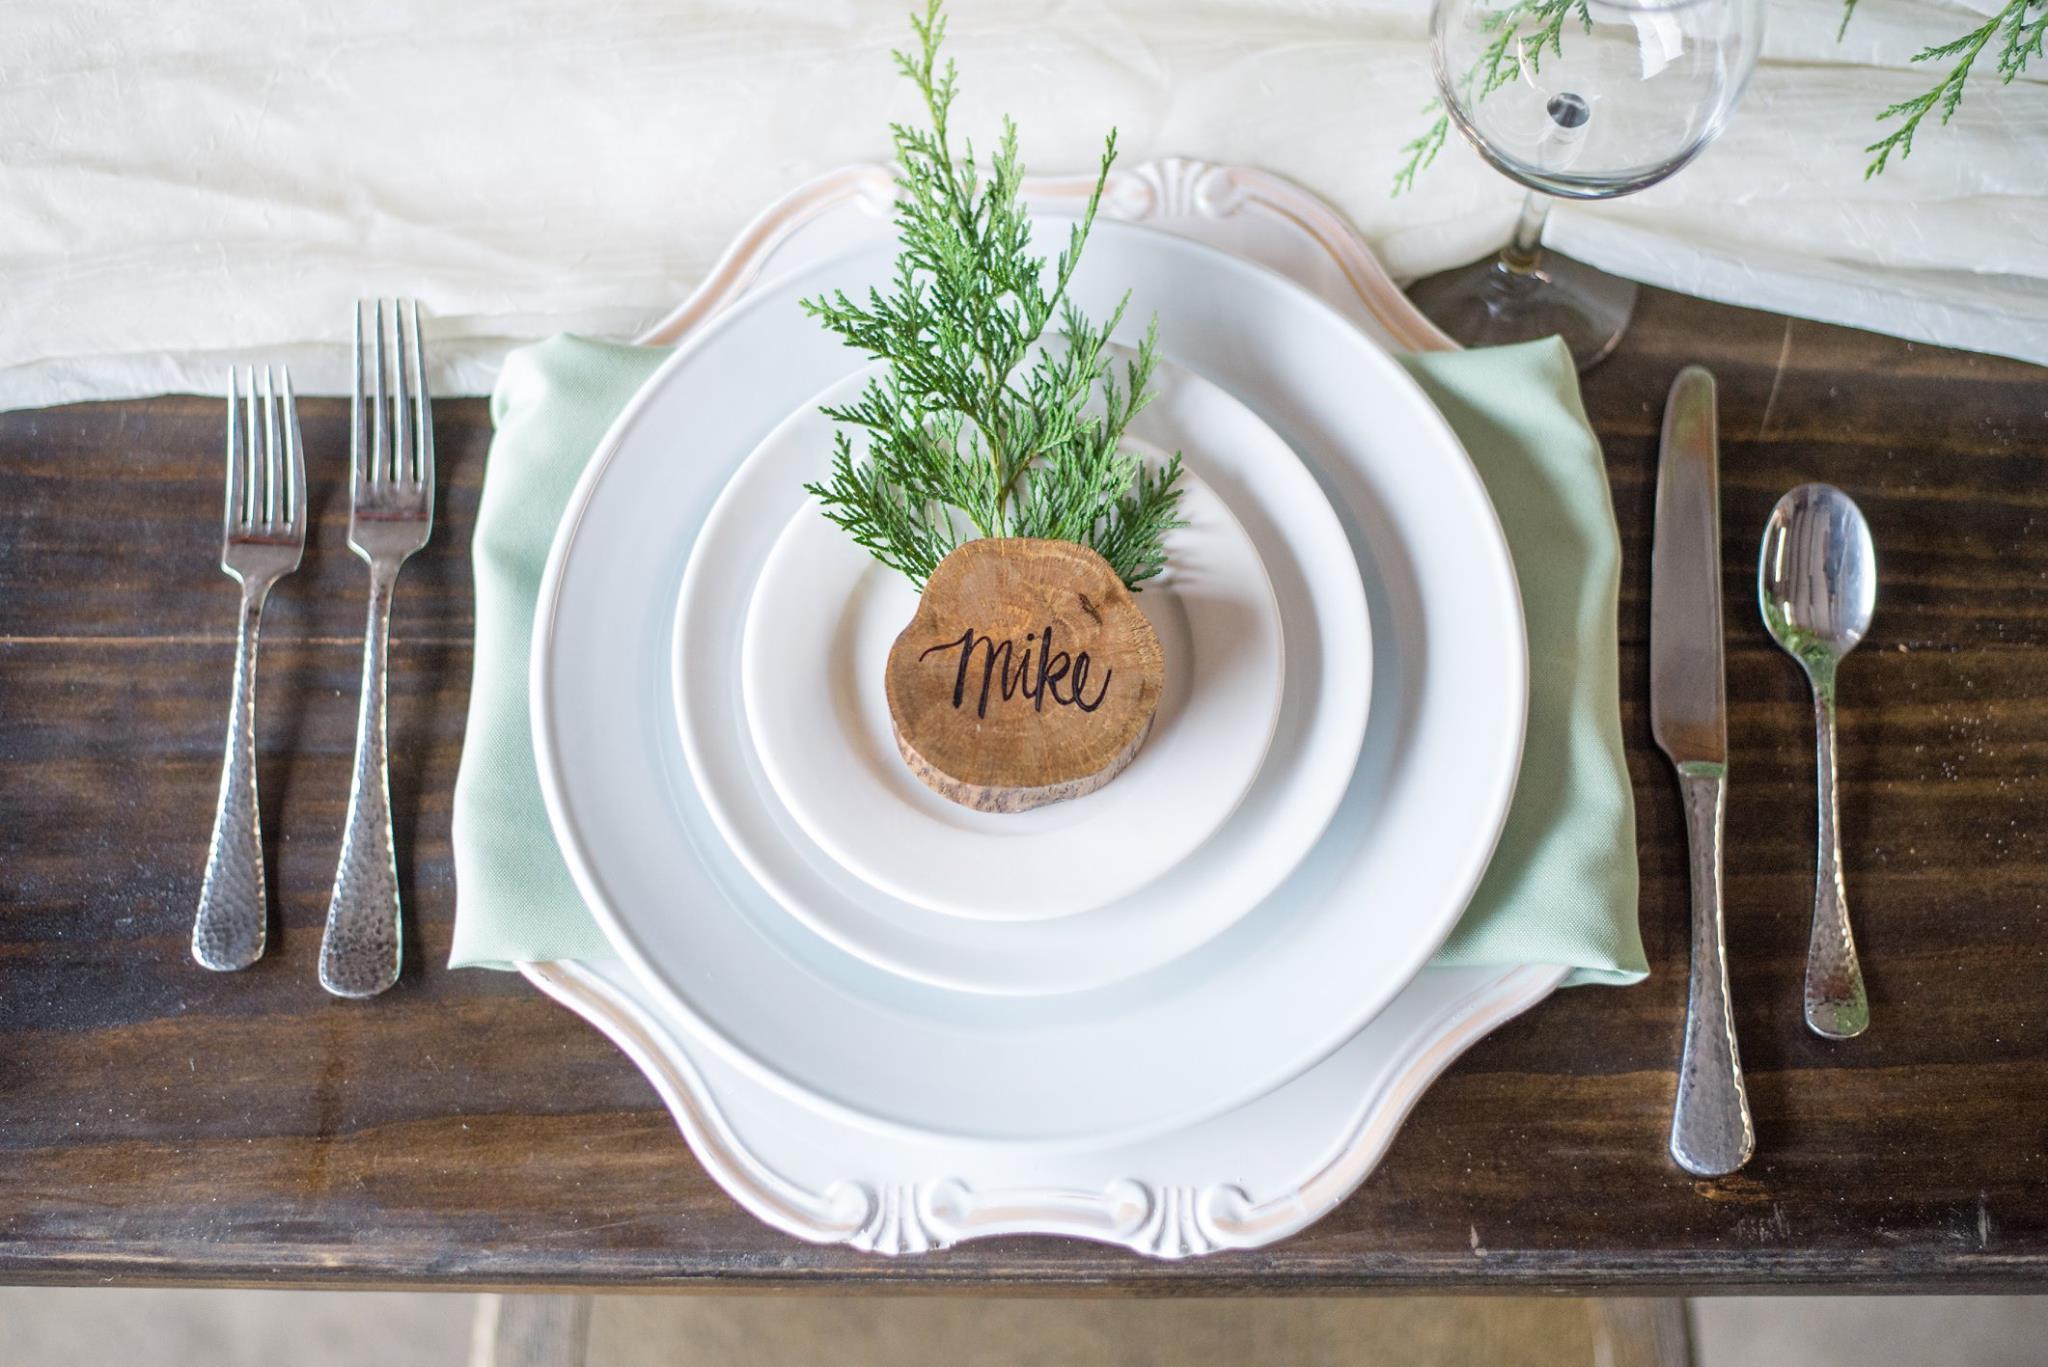 White Round Dinnerware with Bastia Flatware